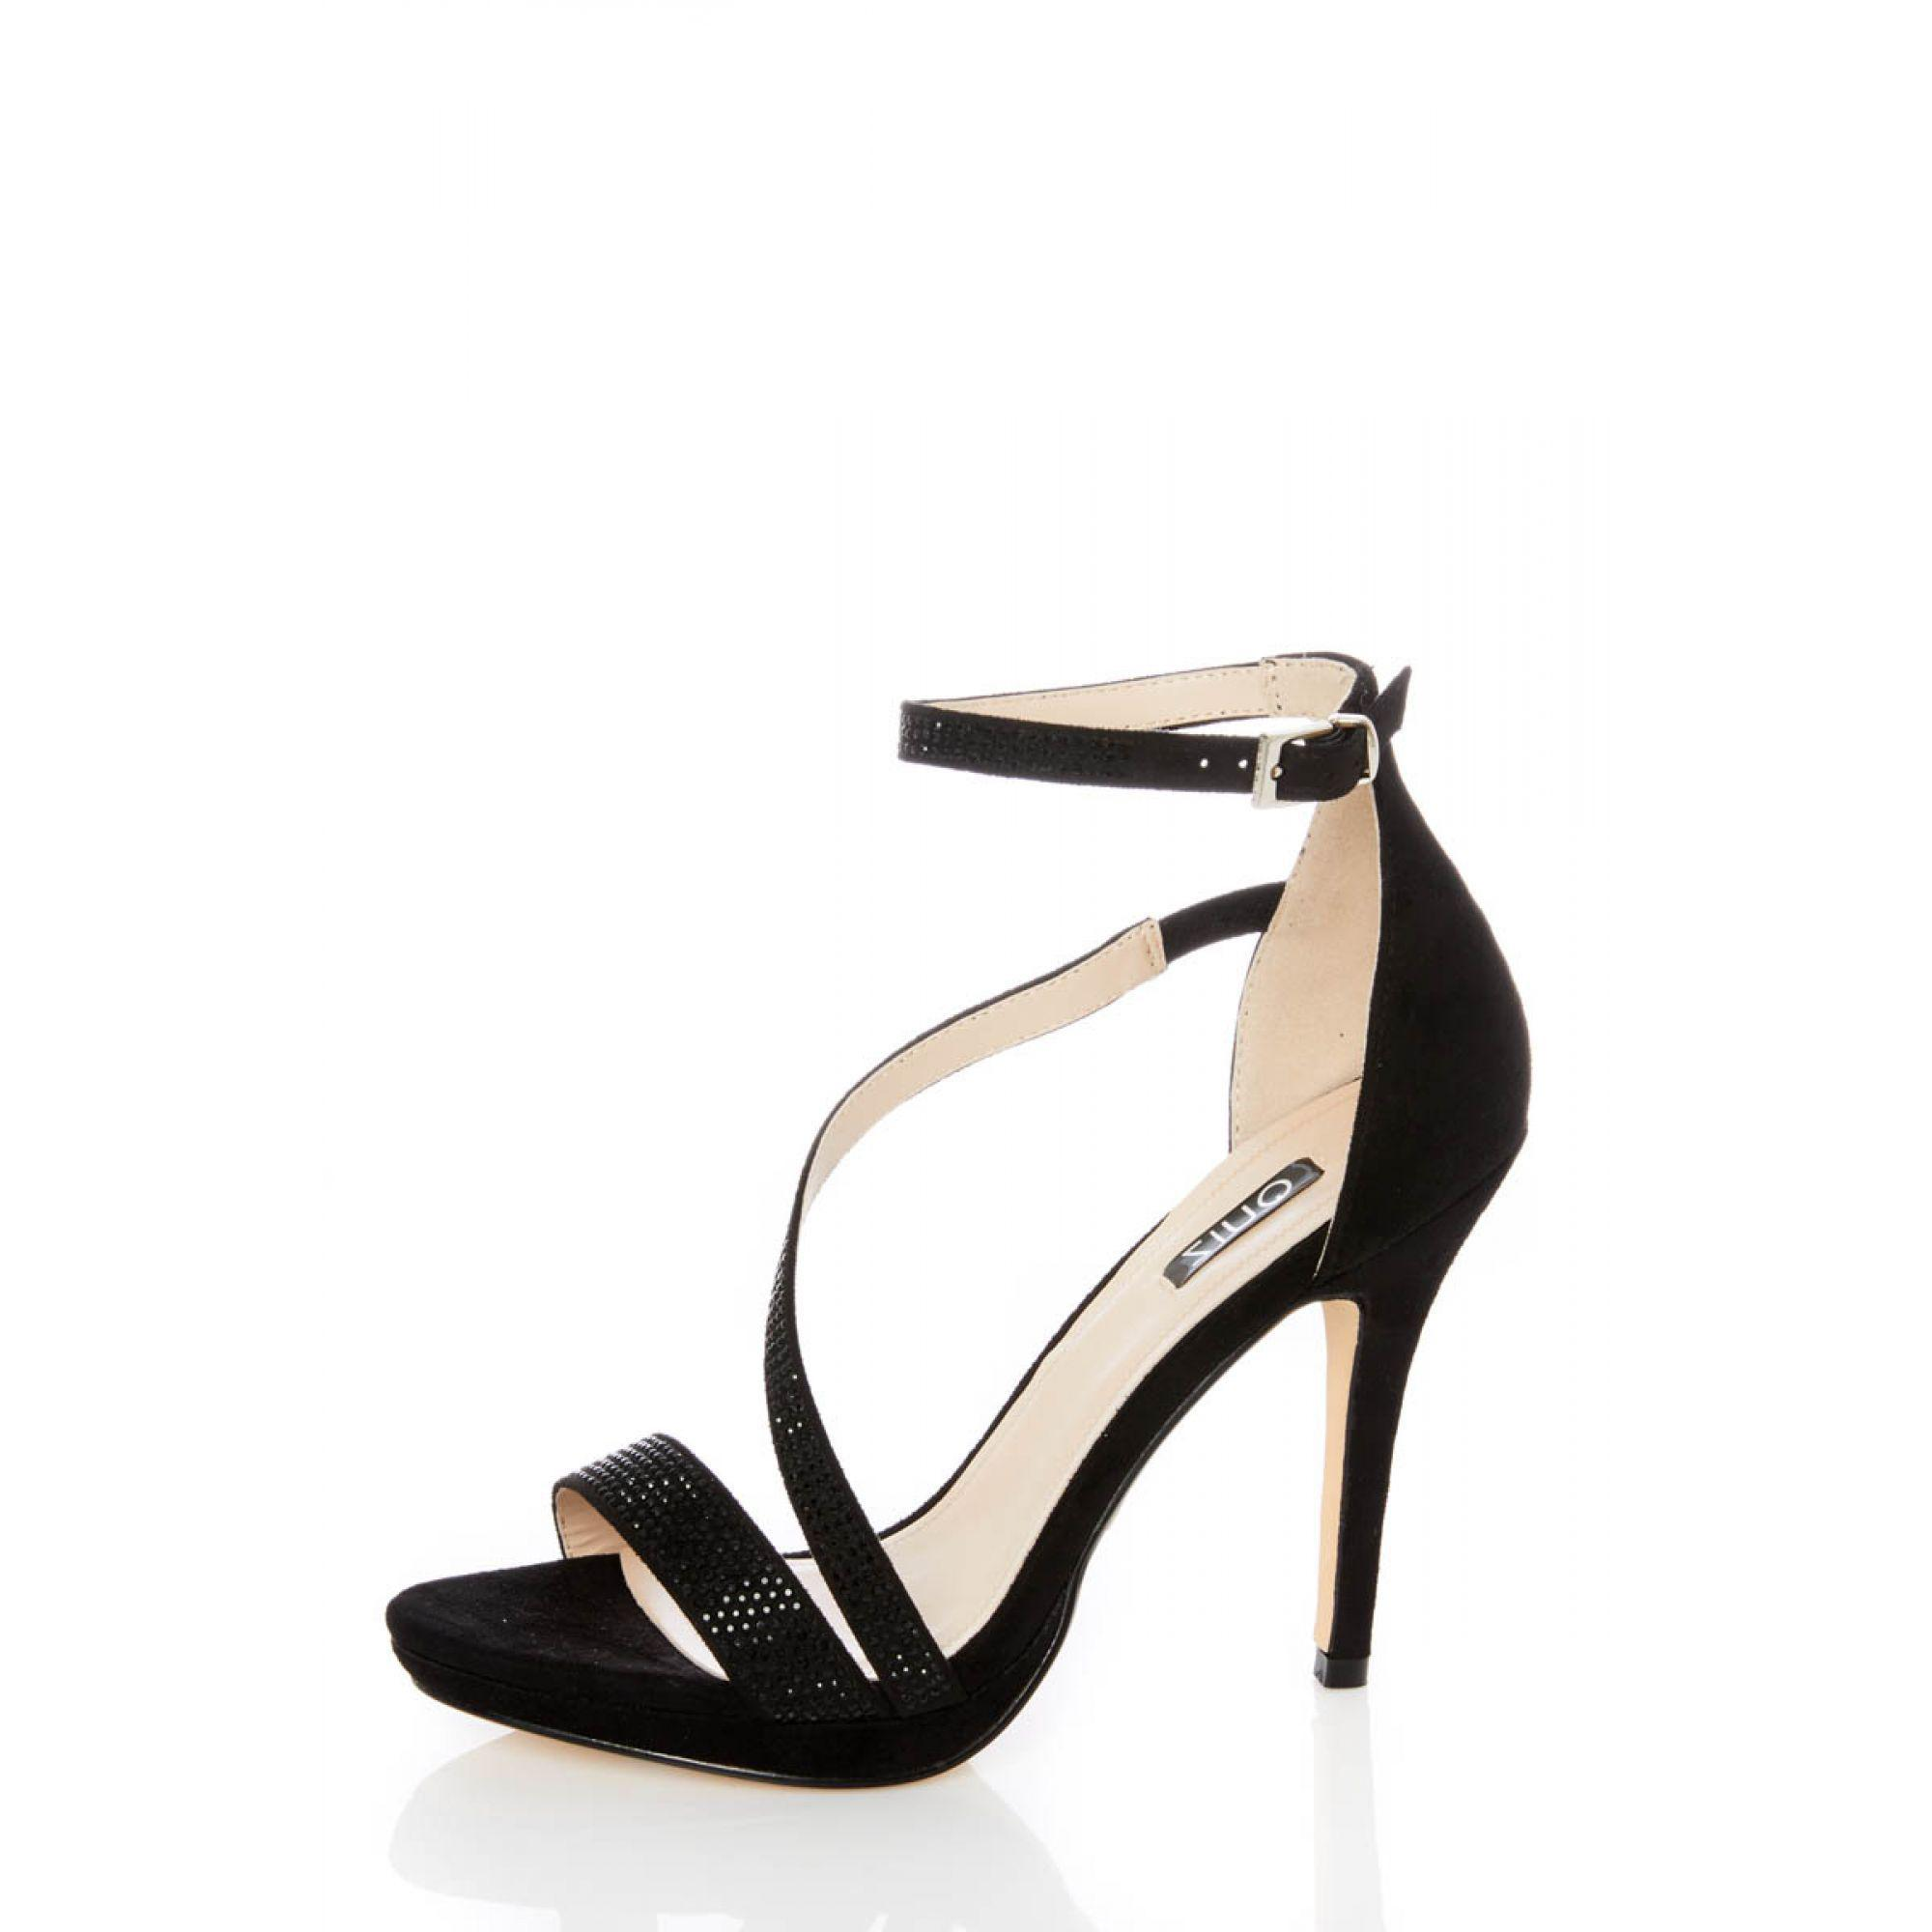 c58f0c085 Quiz Black Diamante Slant Strap Heel Sandals in Black - Lyst